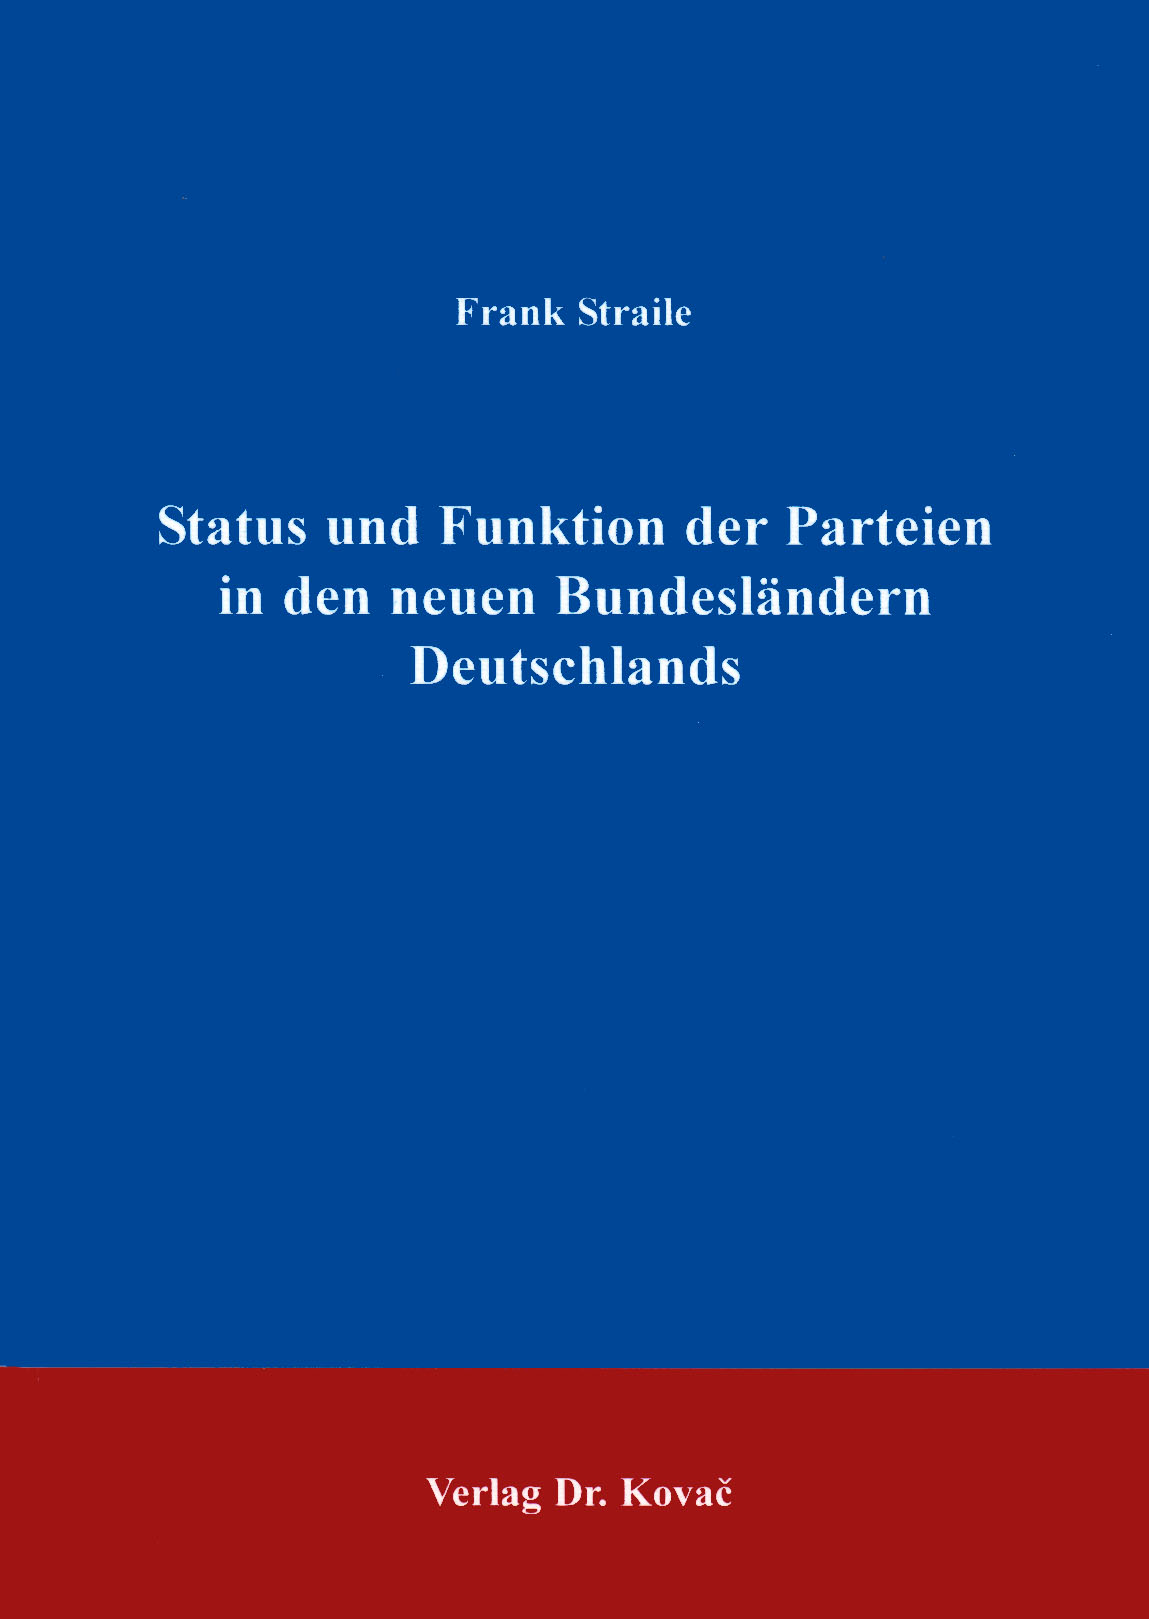 Cover: Status und Funktion der Parteien in den neuen Bundesländern Deutschlands